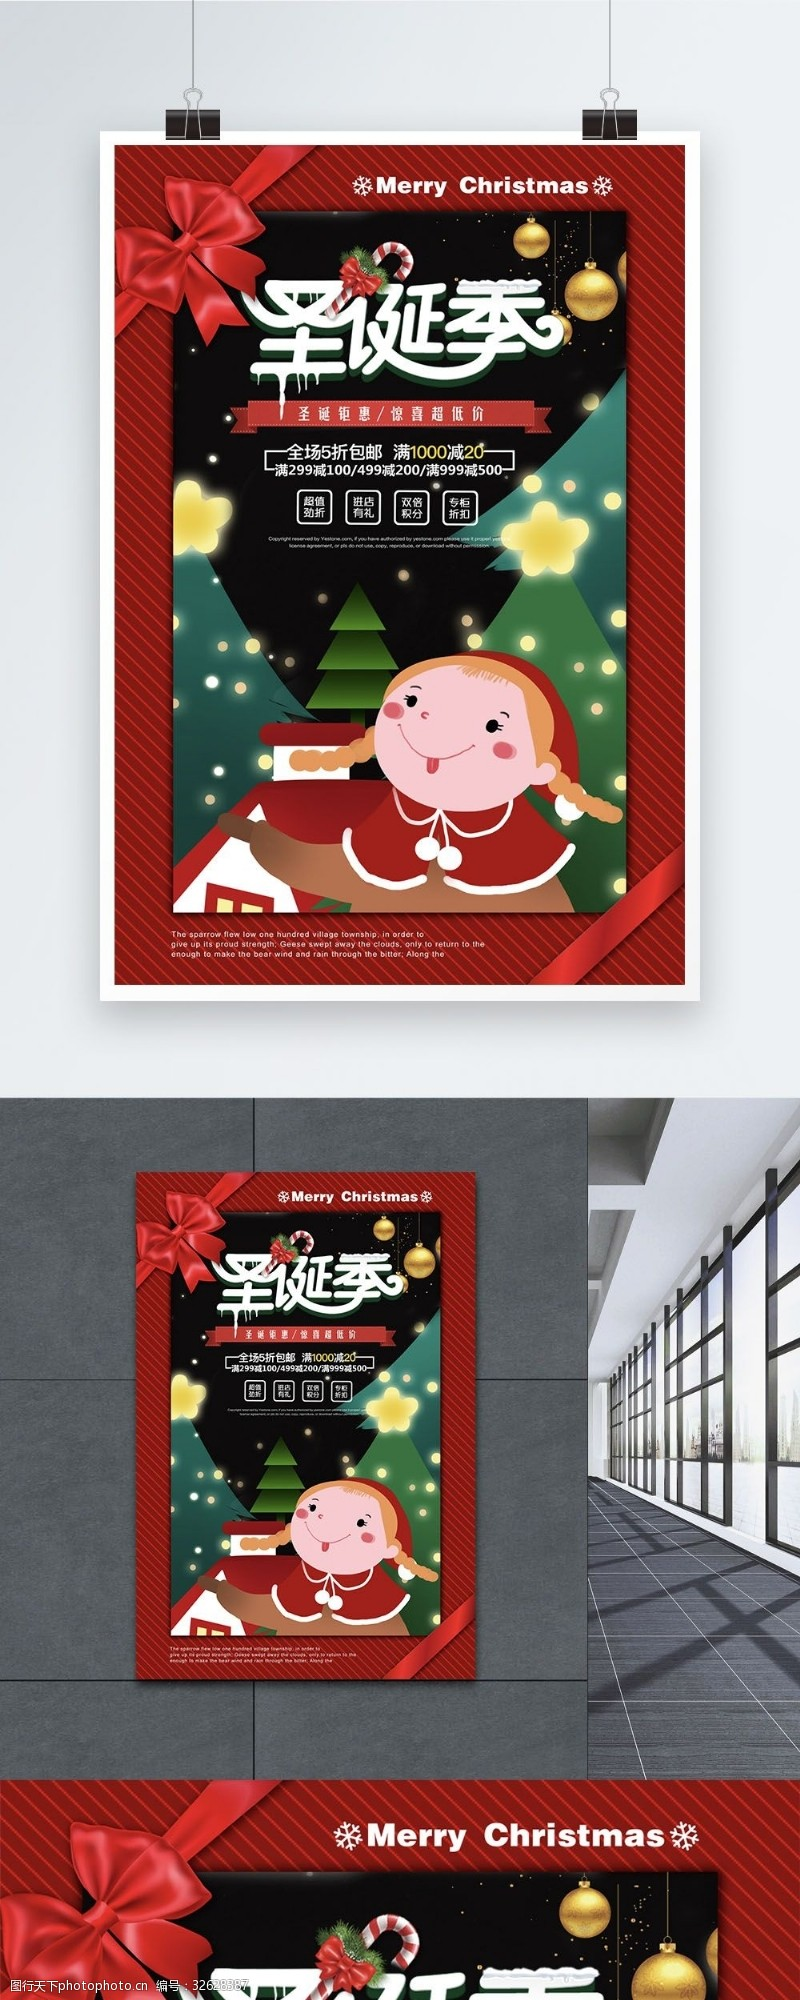 节日海报圣诞节创意风圣诞季圣诞节节日海报